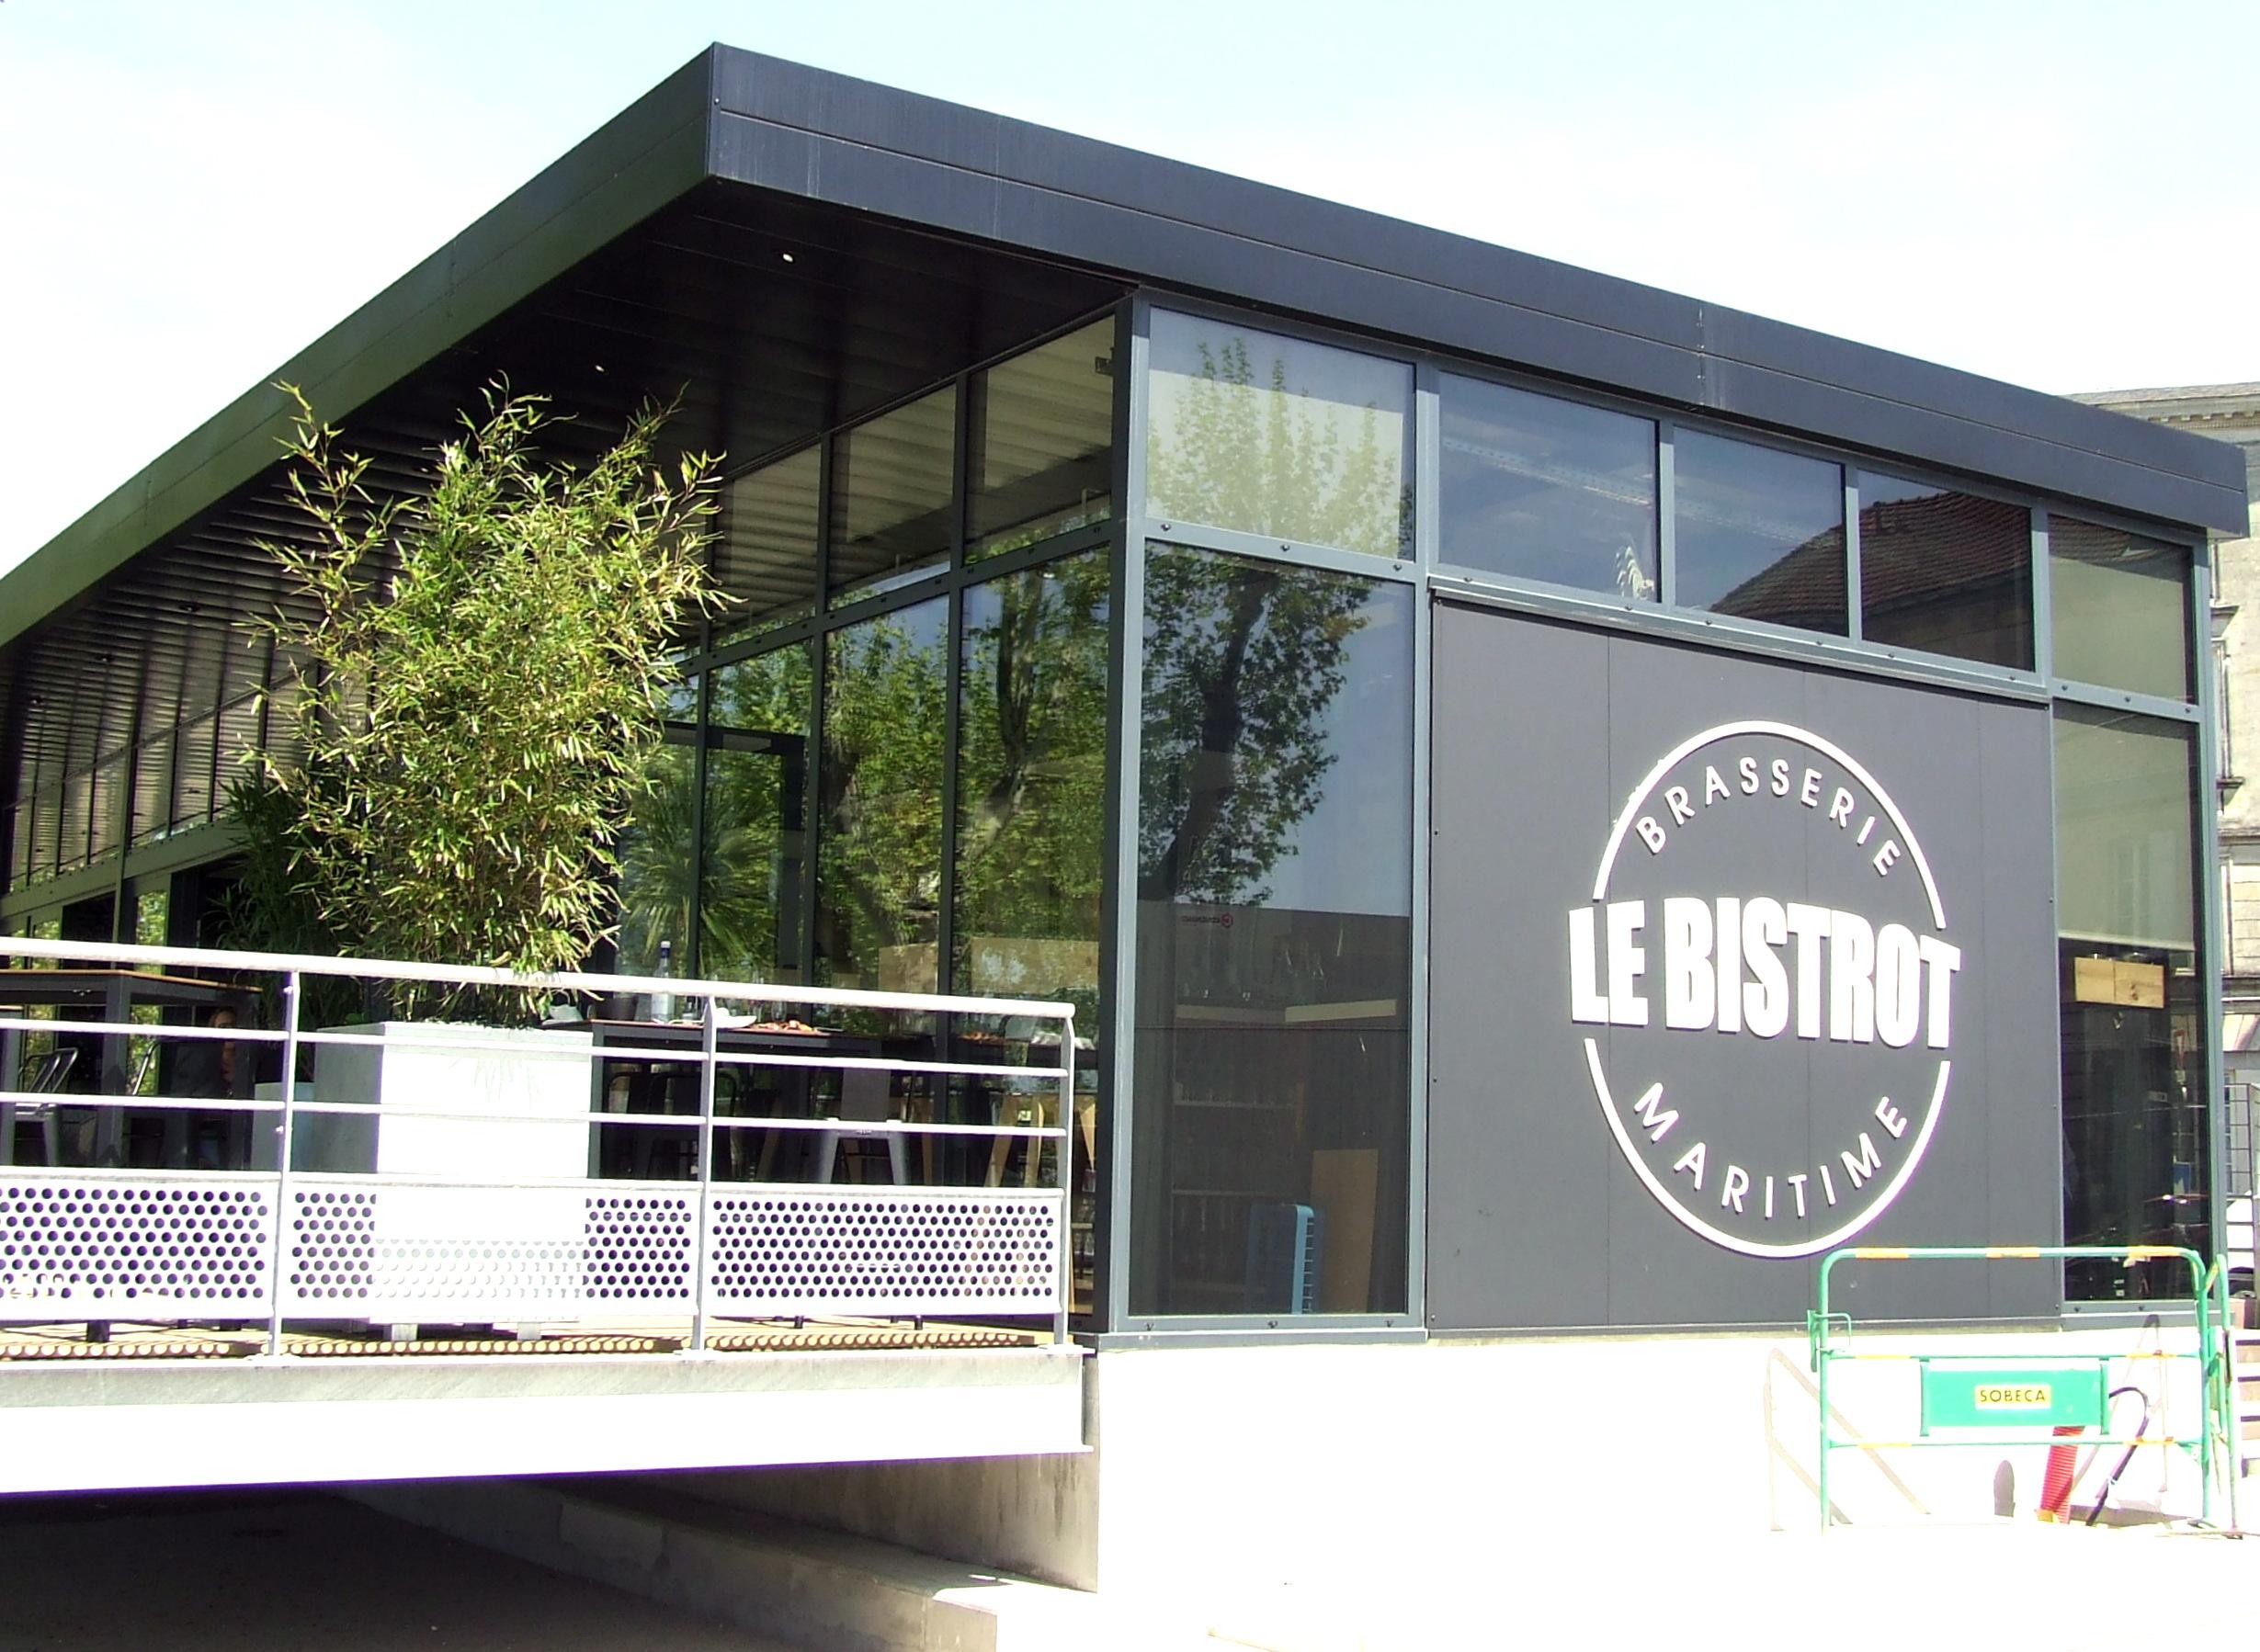 Autre façade du restaurant